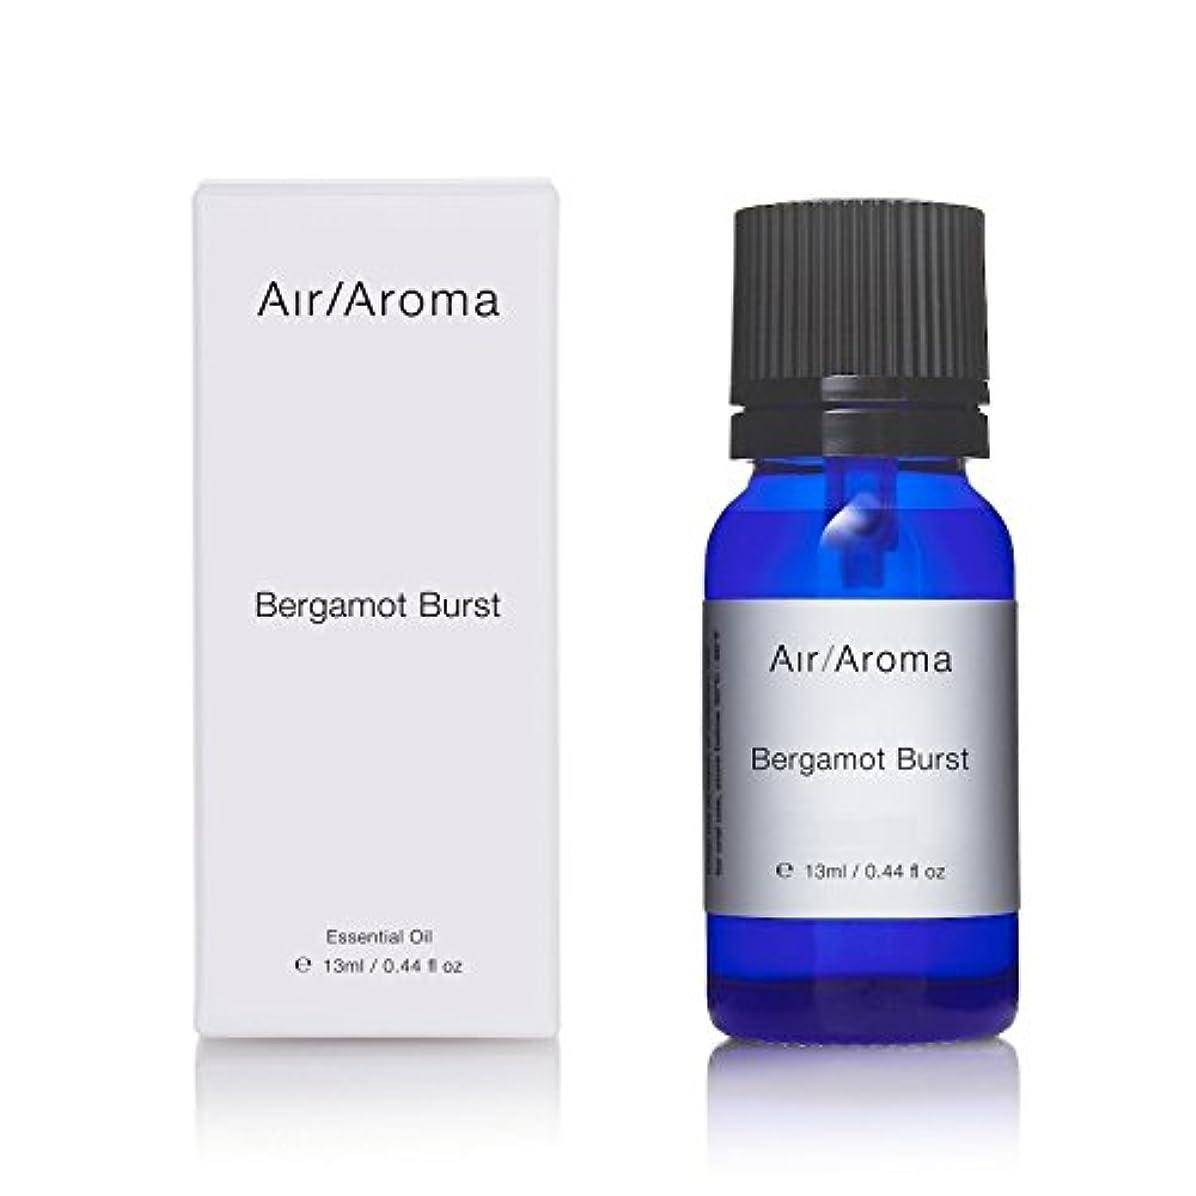 相反するなぞらえるウォーターフロントエアアロマ bergamot burst (ベルガモットバースト) 13ml